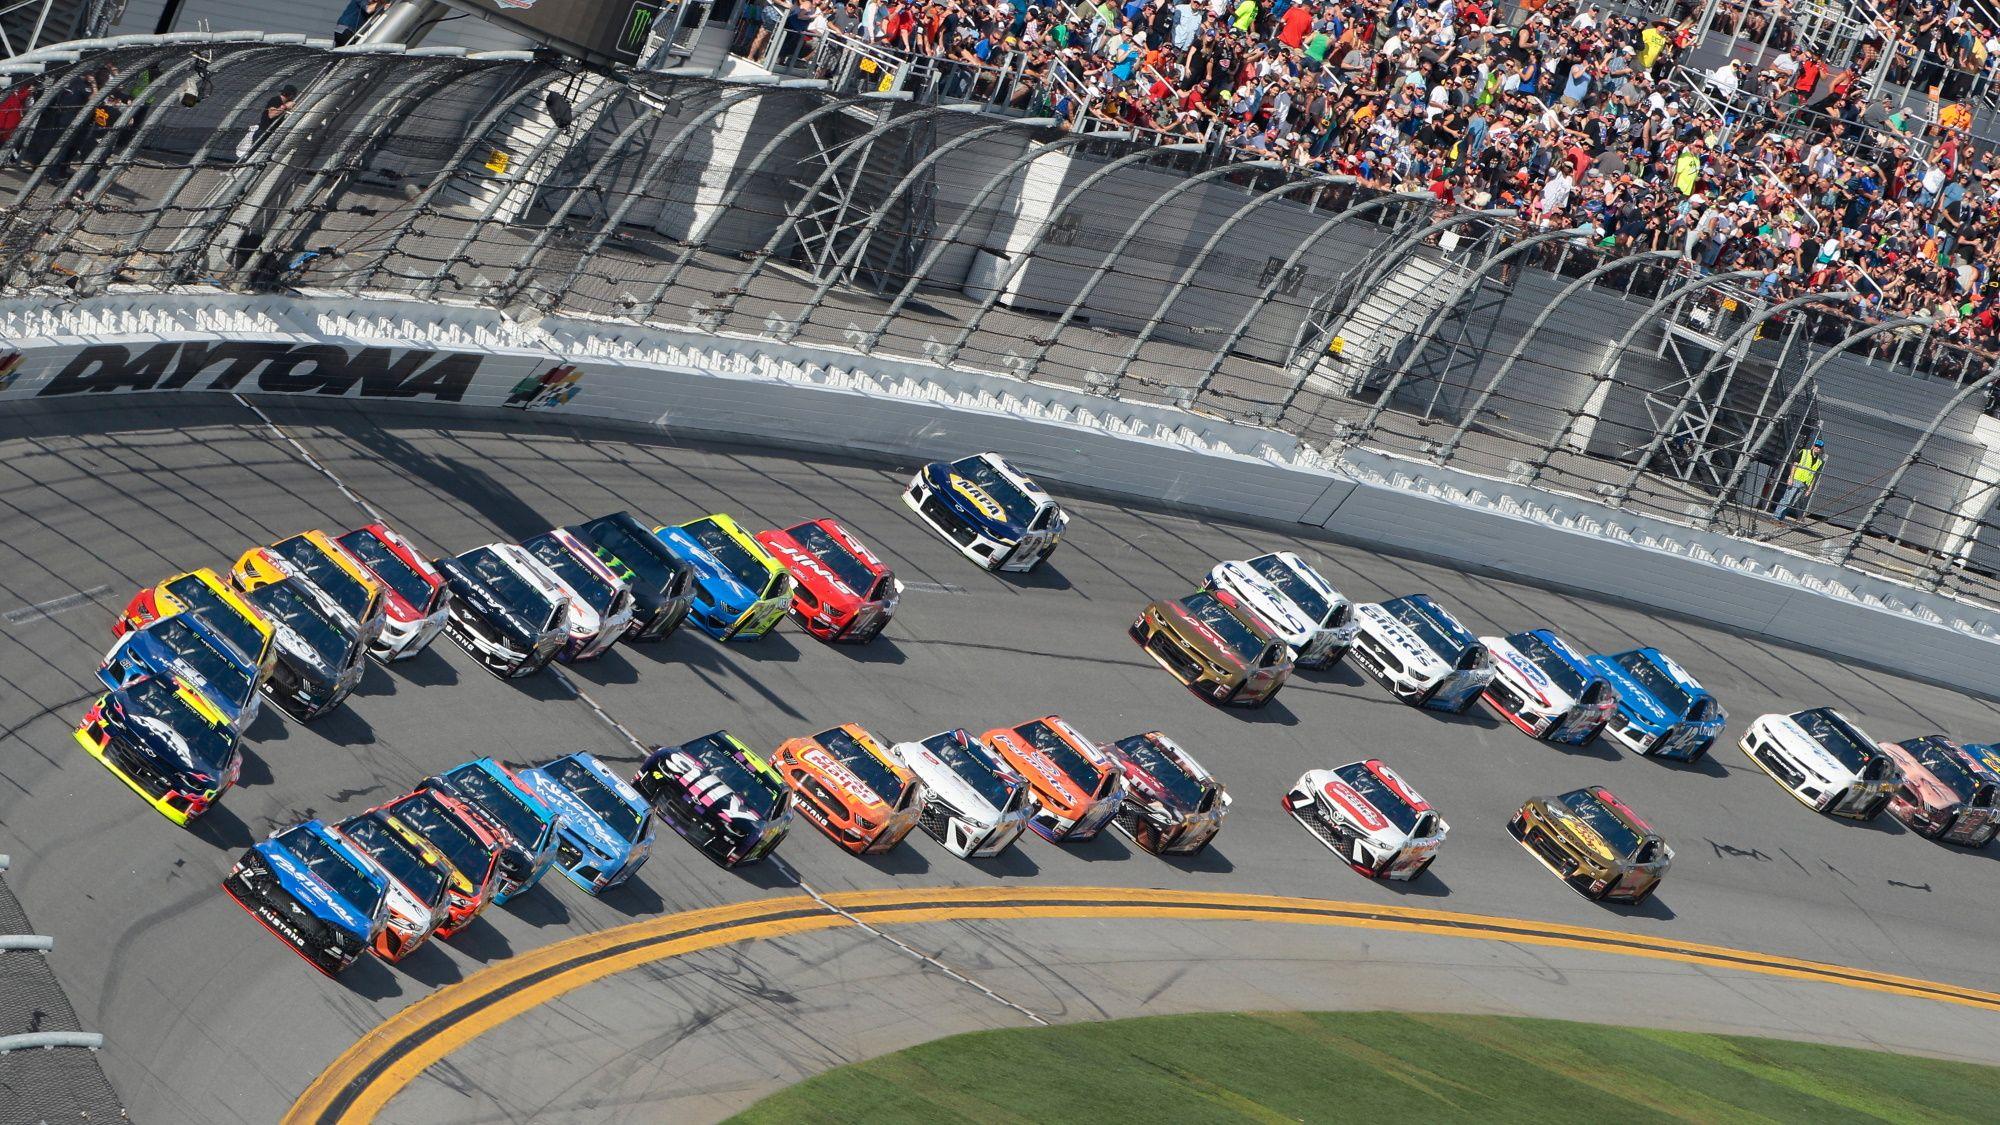 Daytona 500 2020 Live Stream How To Watch The Nascar Race From Anywhere Nascar Racing Daytona 500 Nascar Season